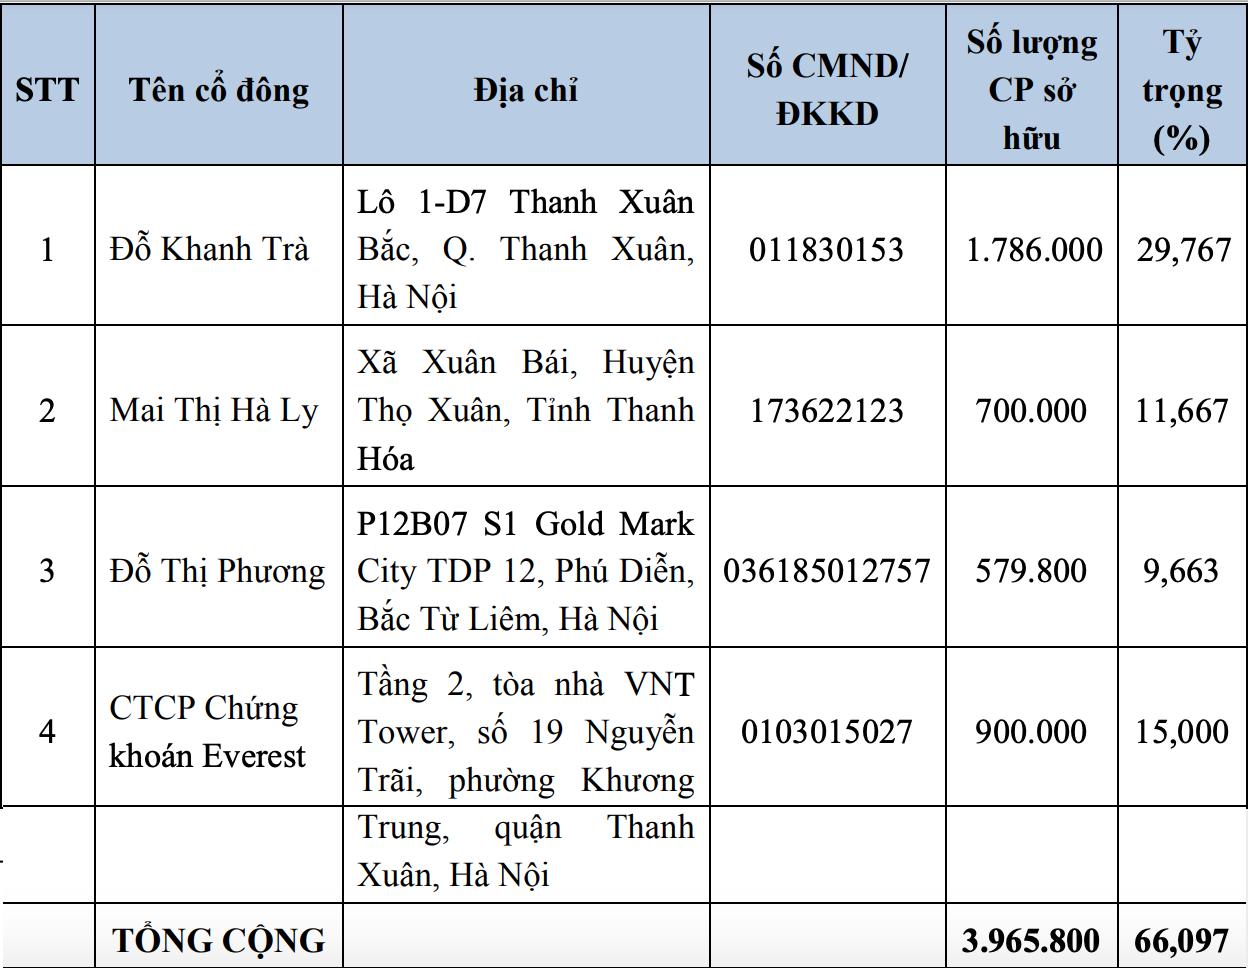 HNX chấp thuận niêm yết cổ phiếu GMA của Enteco Việt Nam - Ảnh 1.